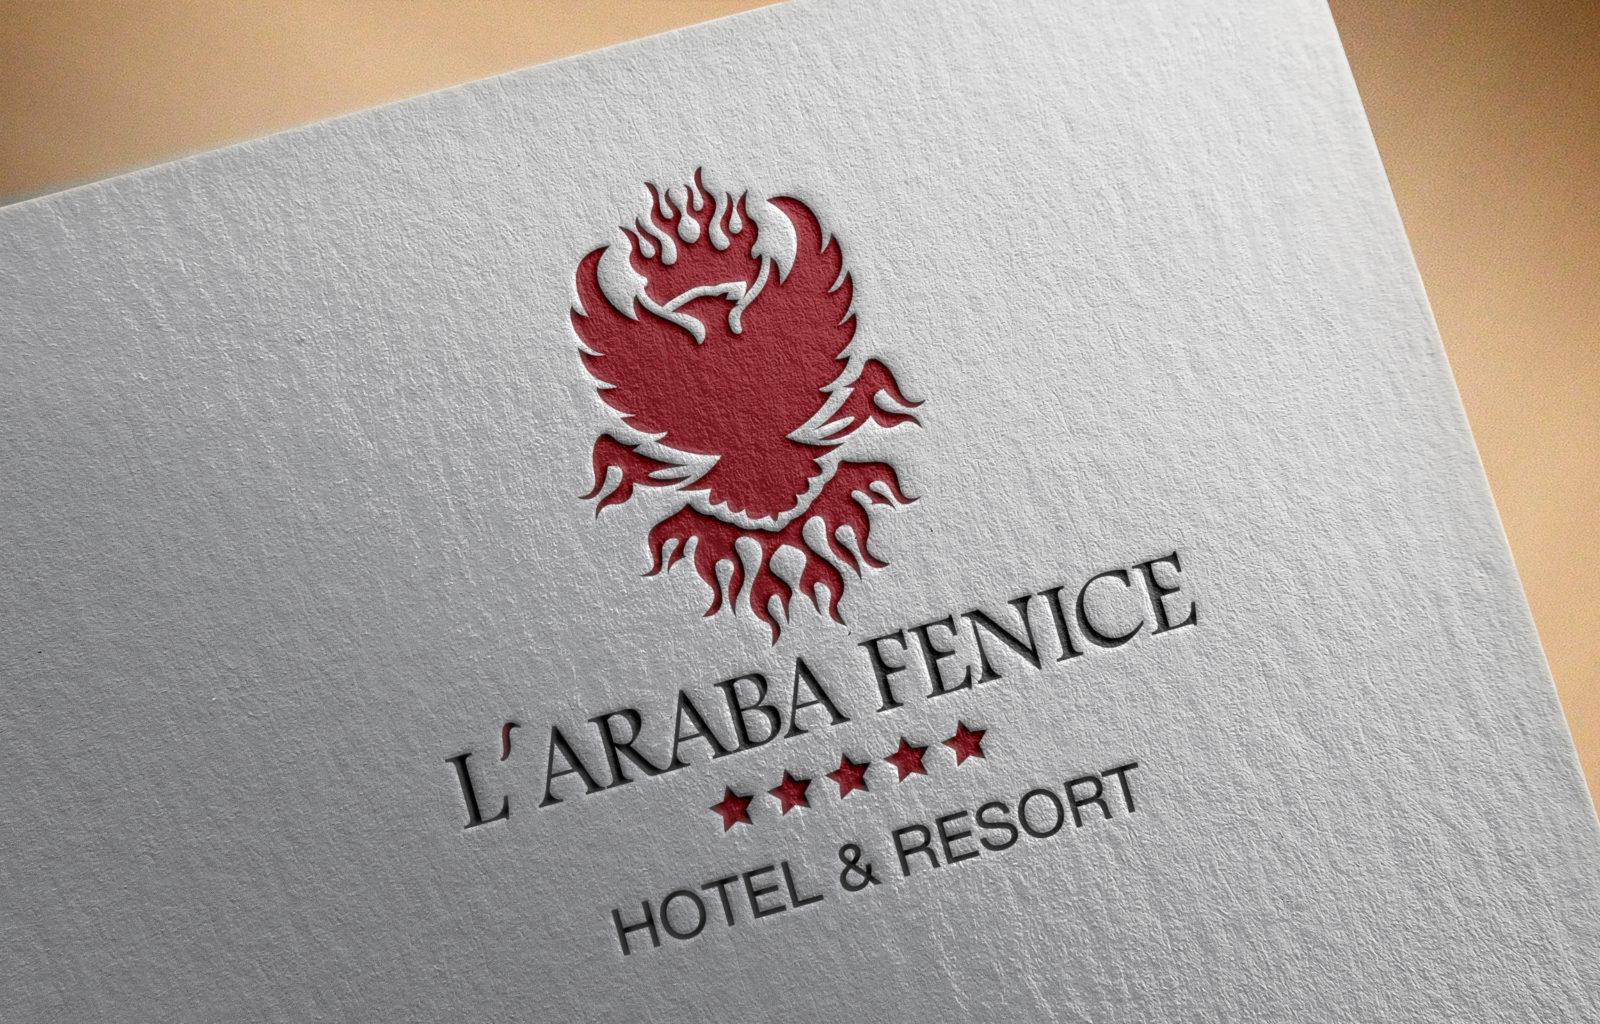 L'Araba Fenice logo